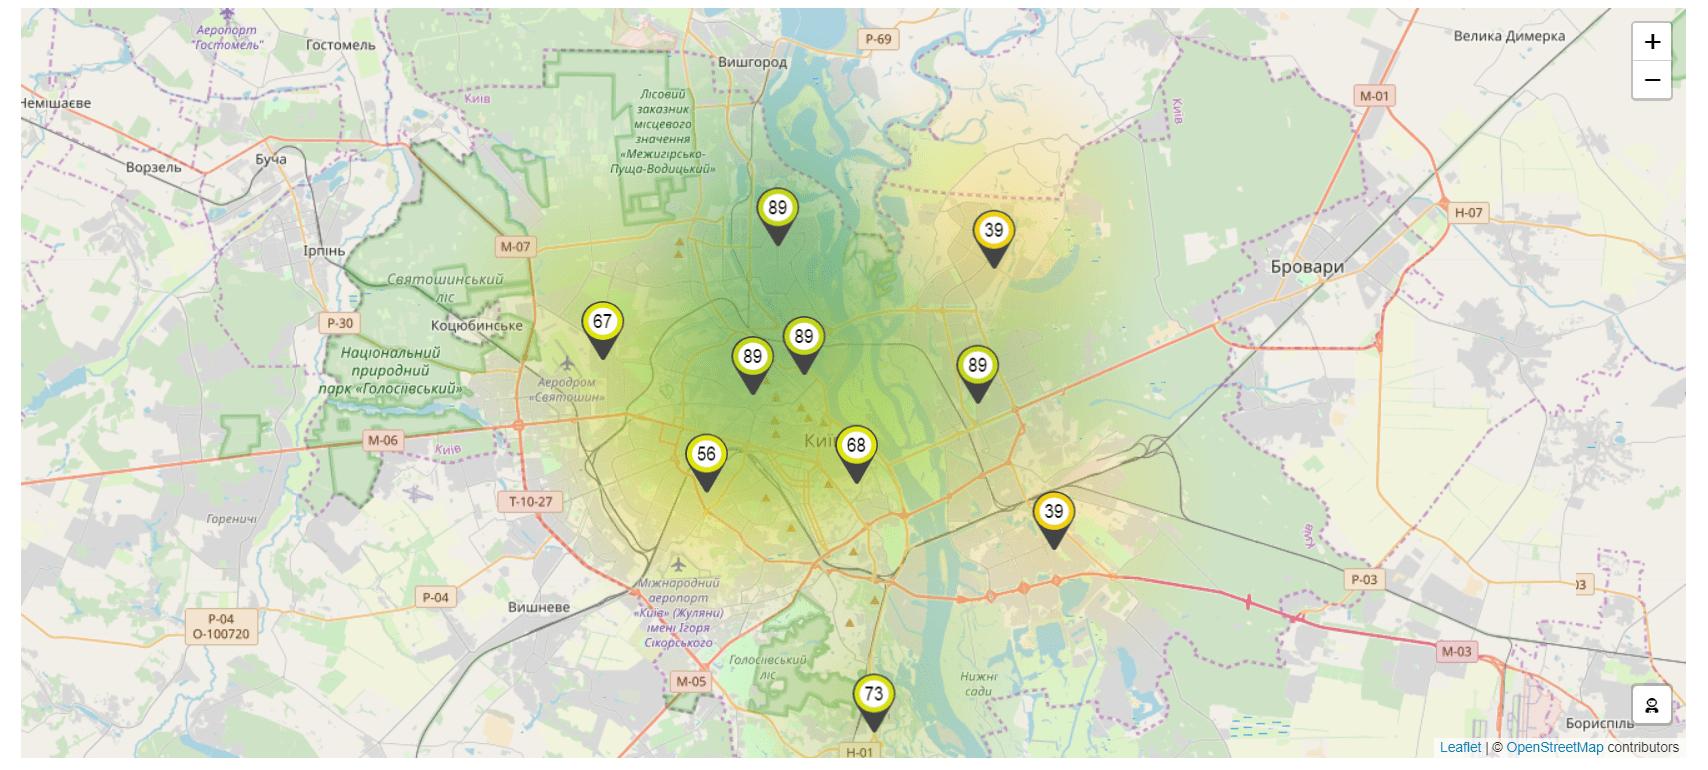 Карта качества воздуха, Киев